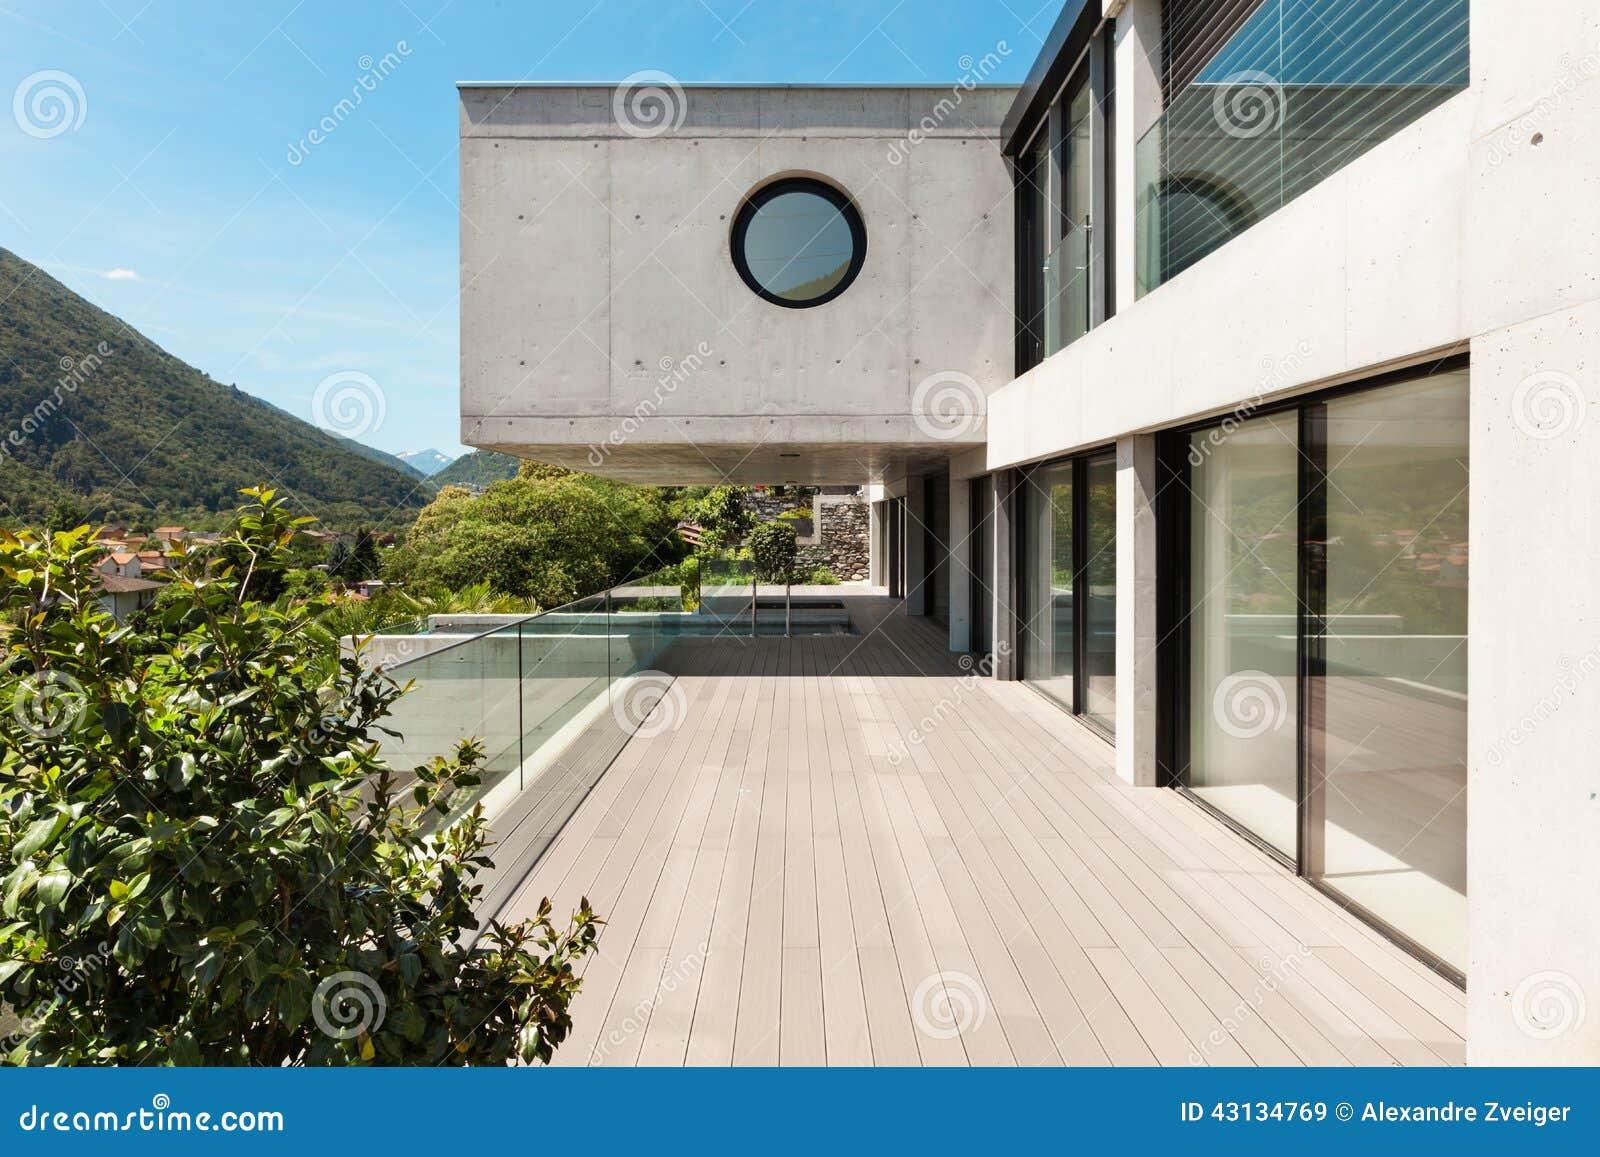 Casa moderna hermosa en el cemento foto de archivo for Casa moderna vector